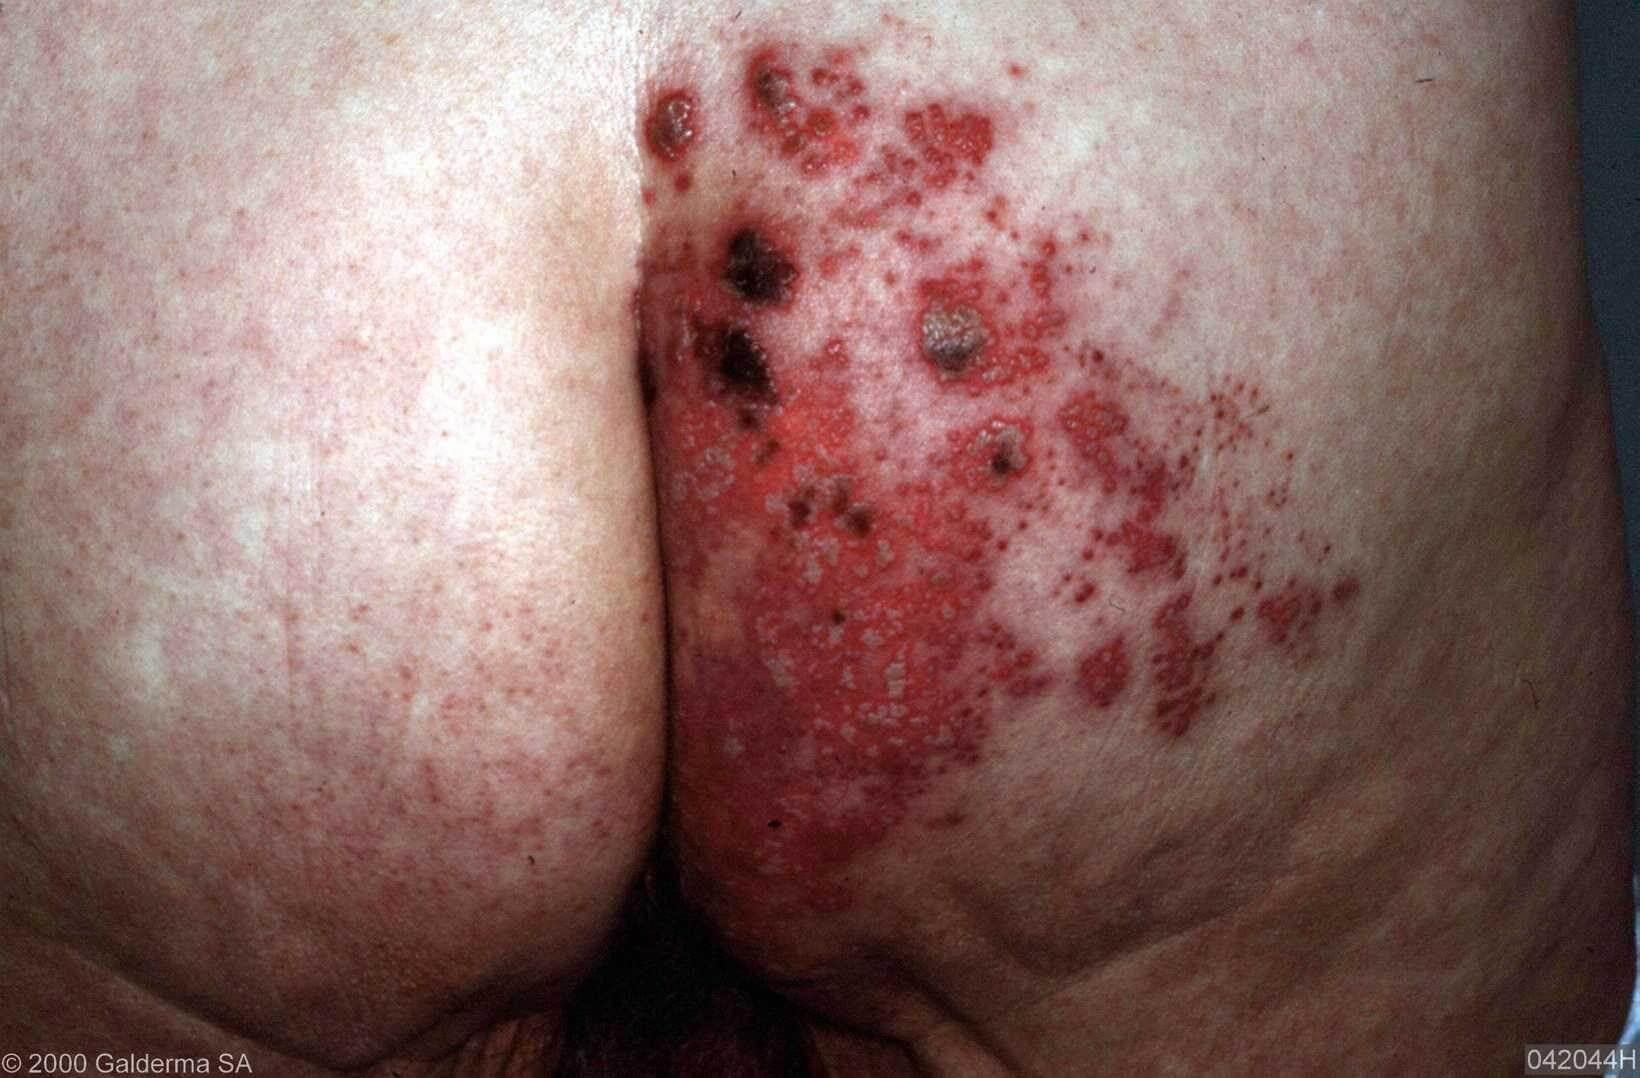 Scheide herpes der zoster in Signs and